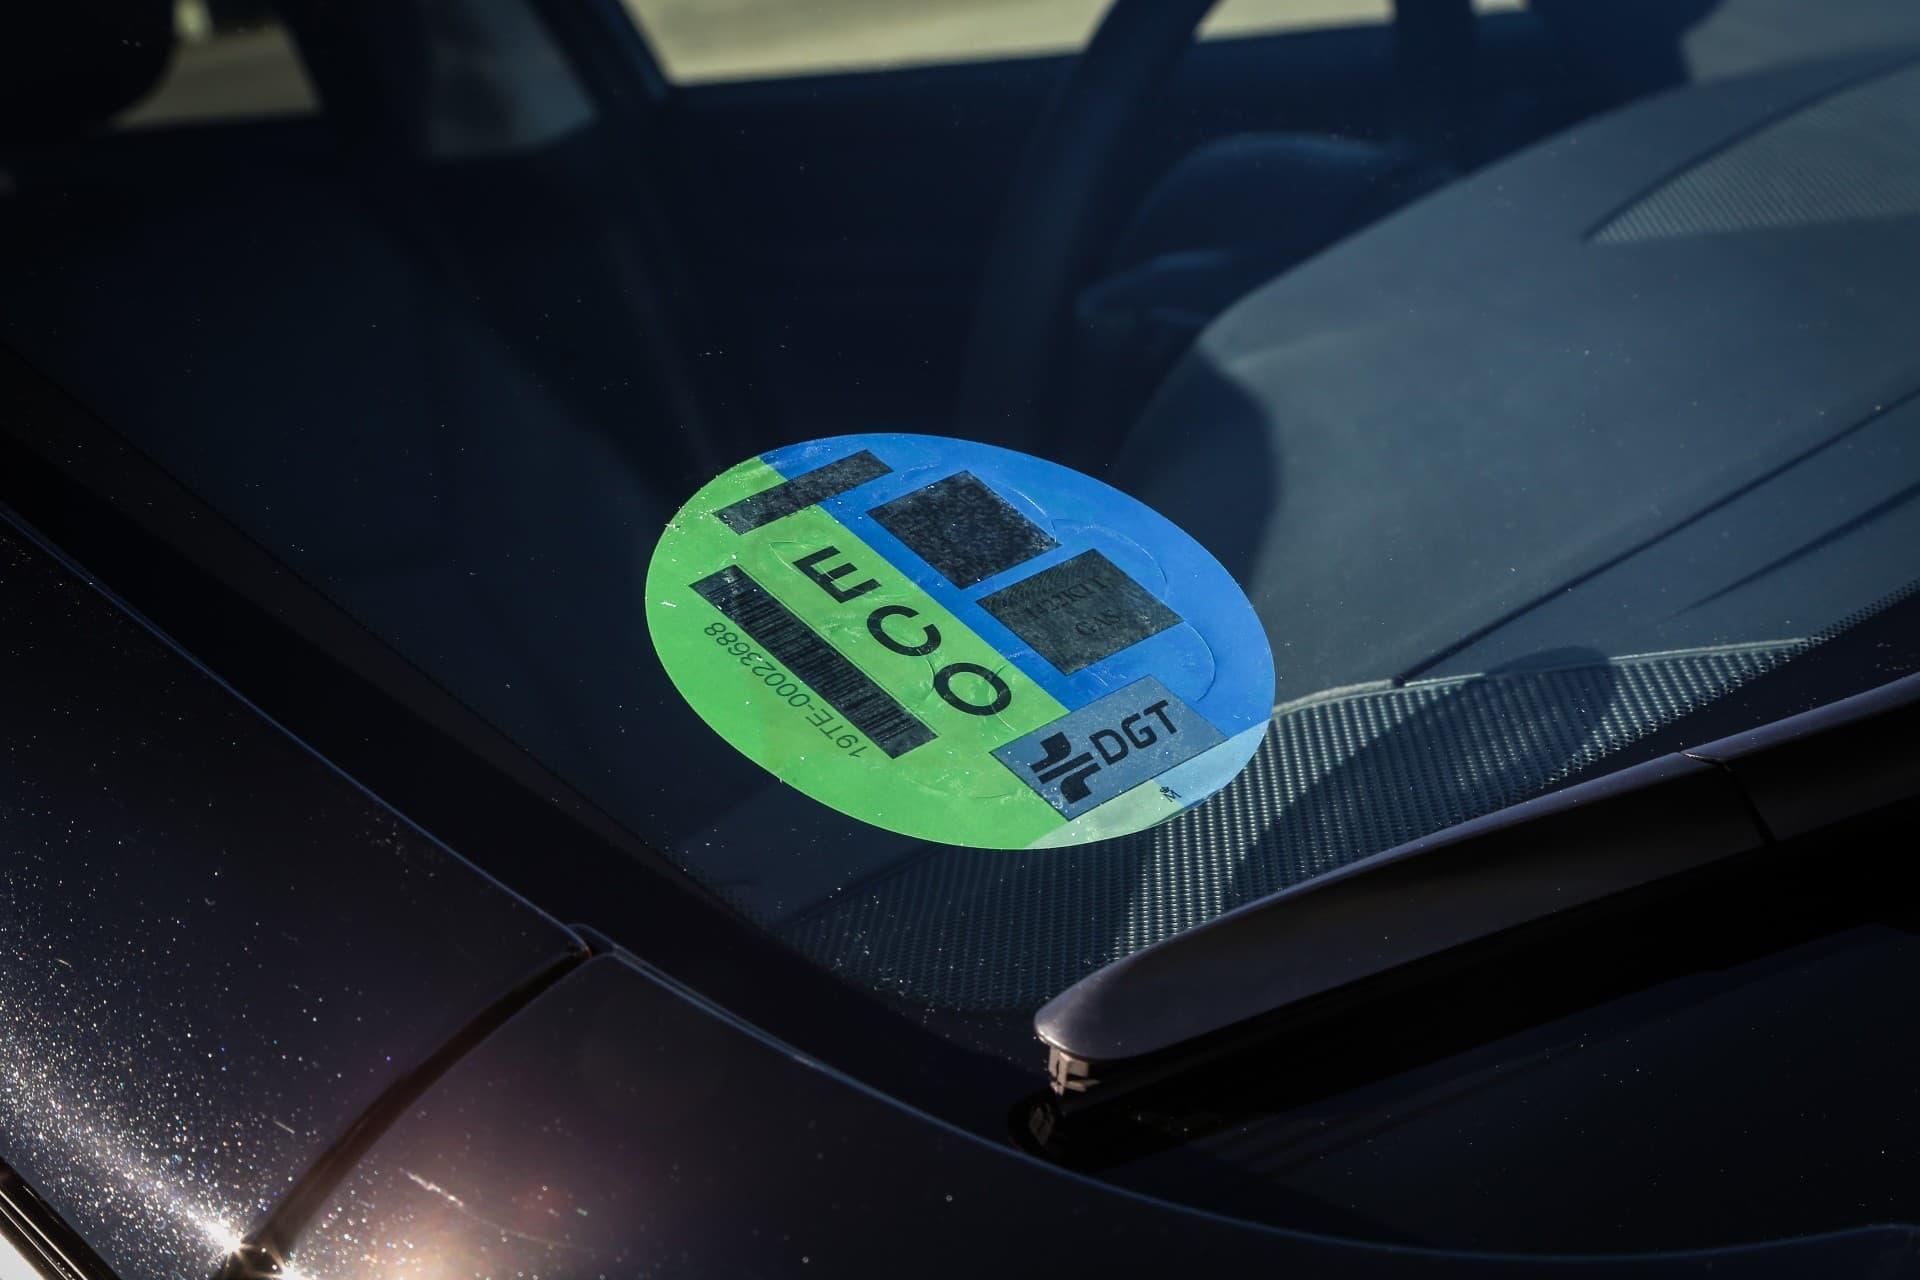 Glp Etiqueta Eco Subaru